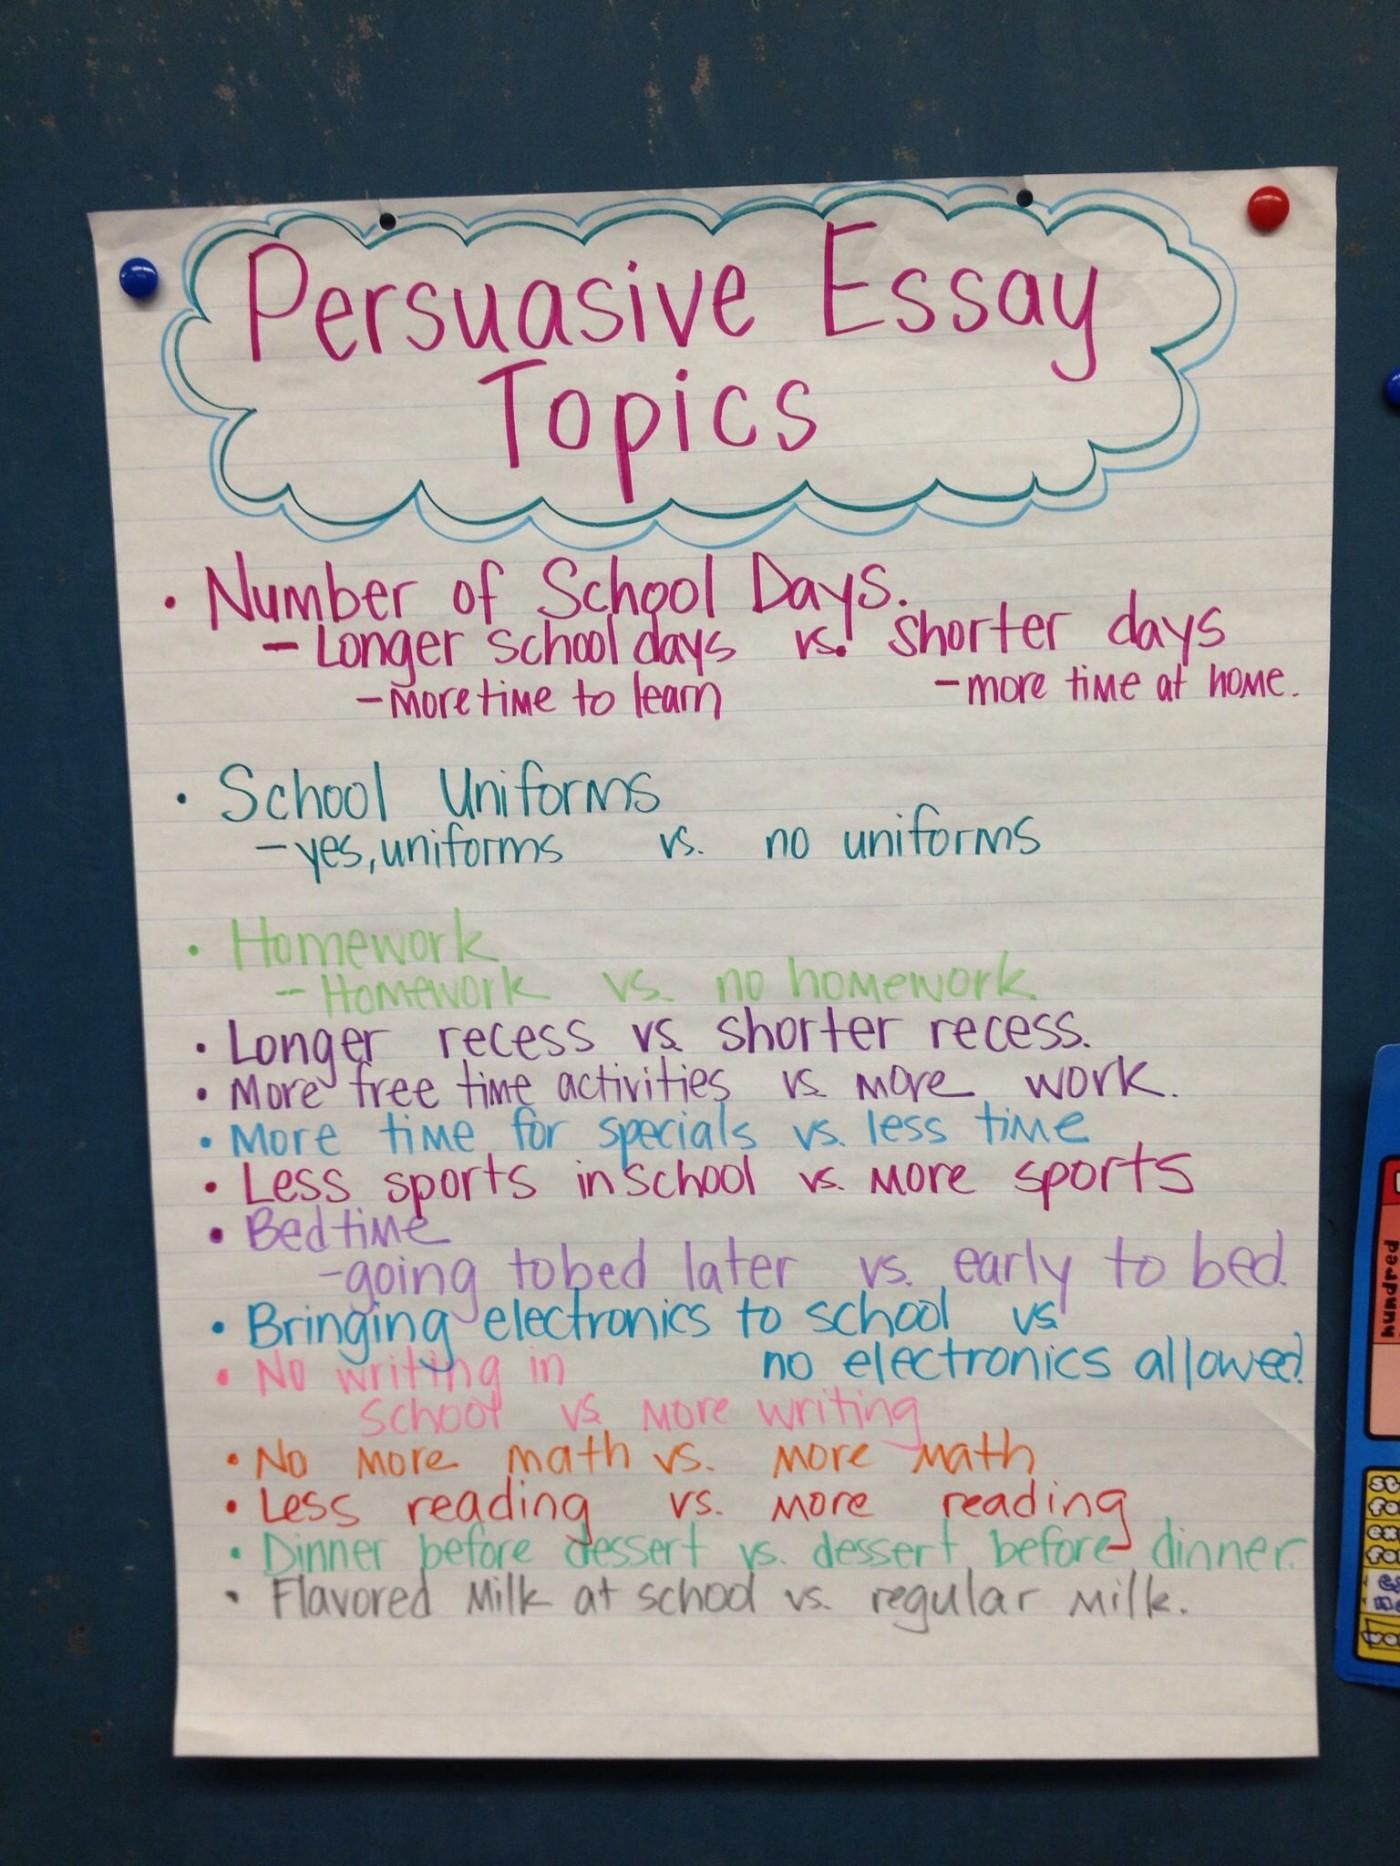 004 8th Grade Essay Topics Phenomenal Narrative Us History Questions 1400